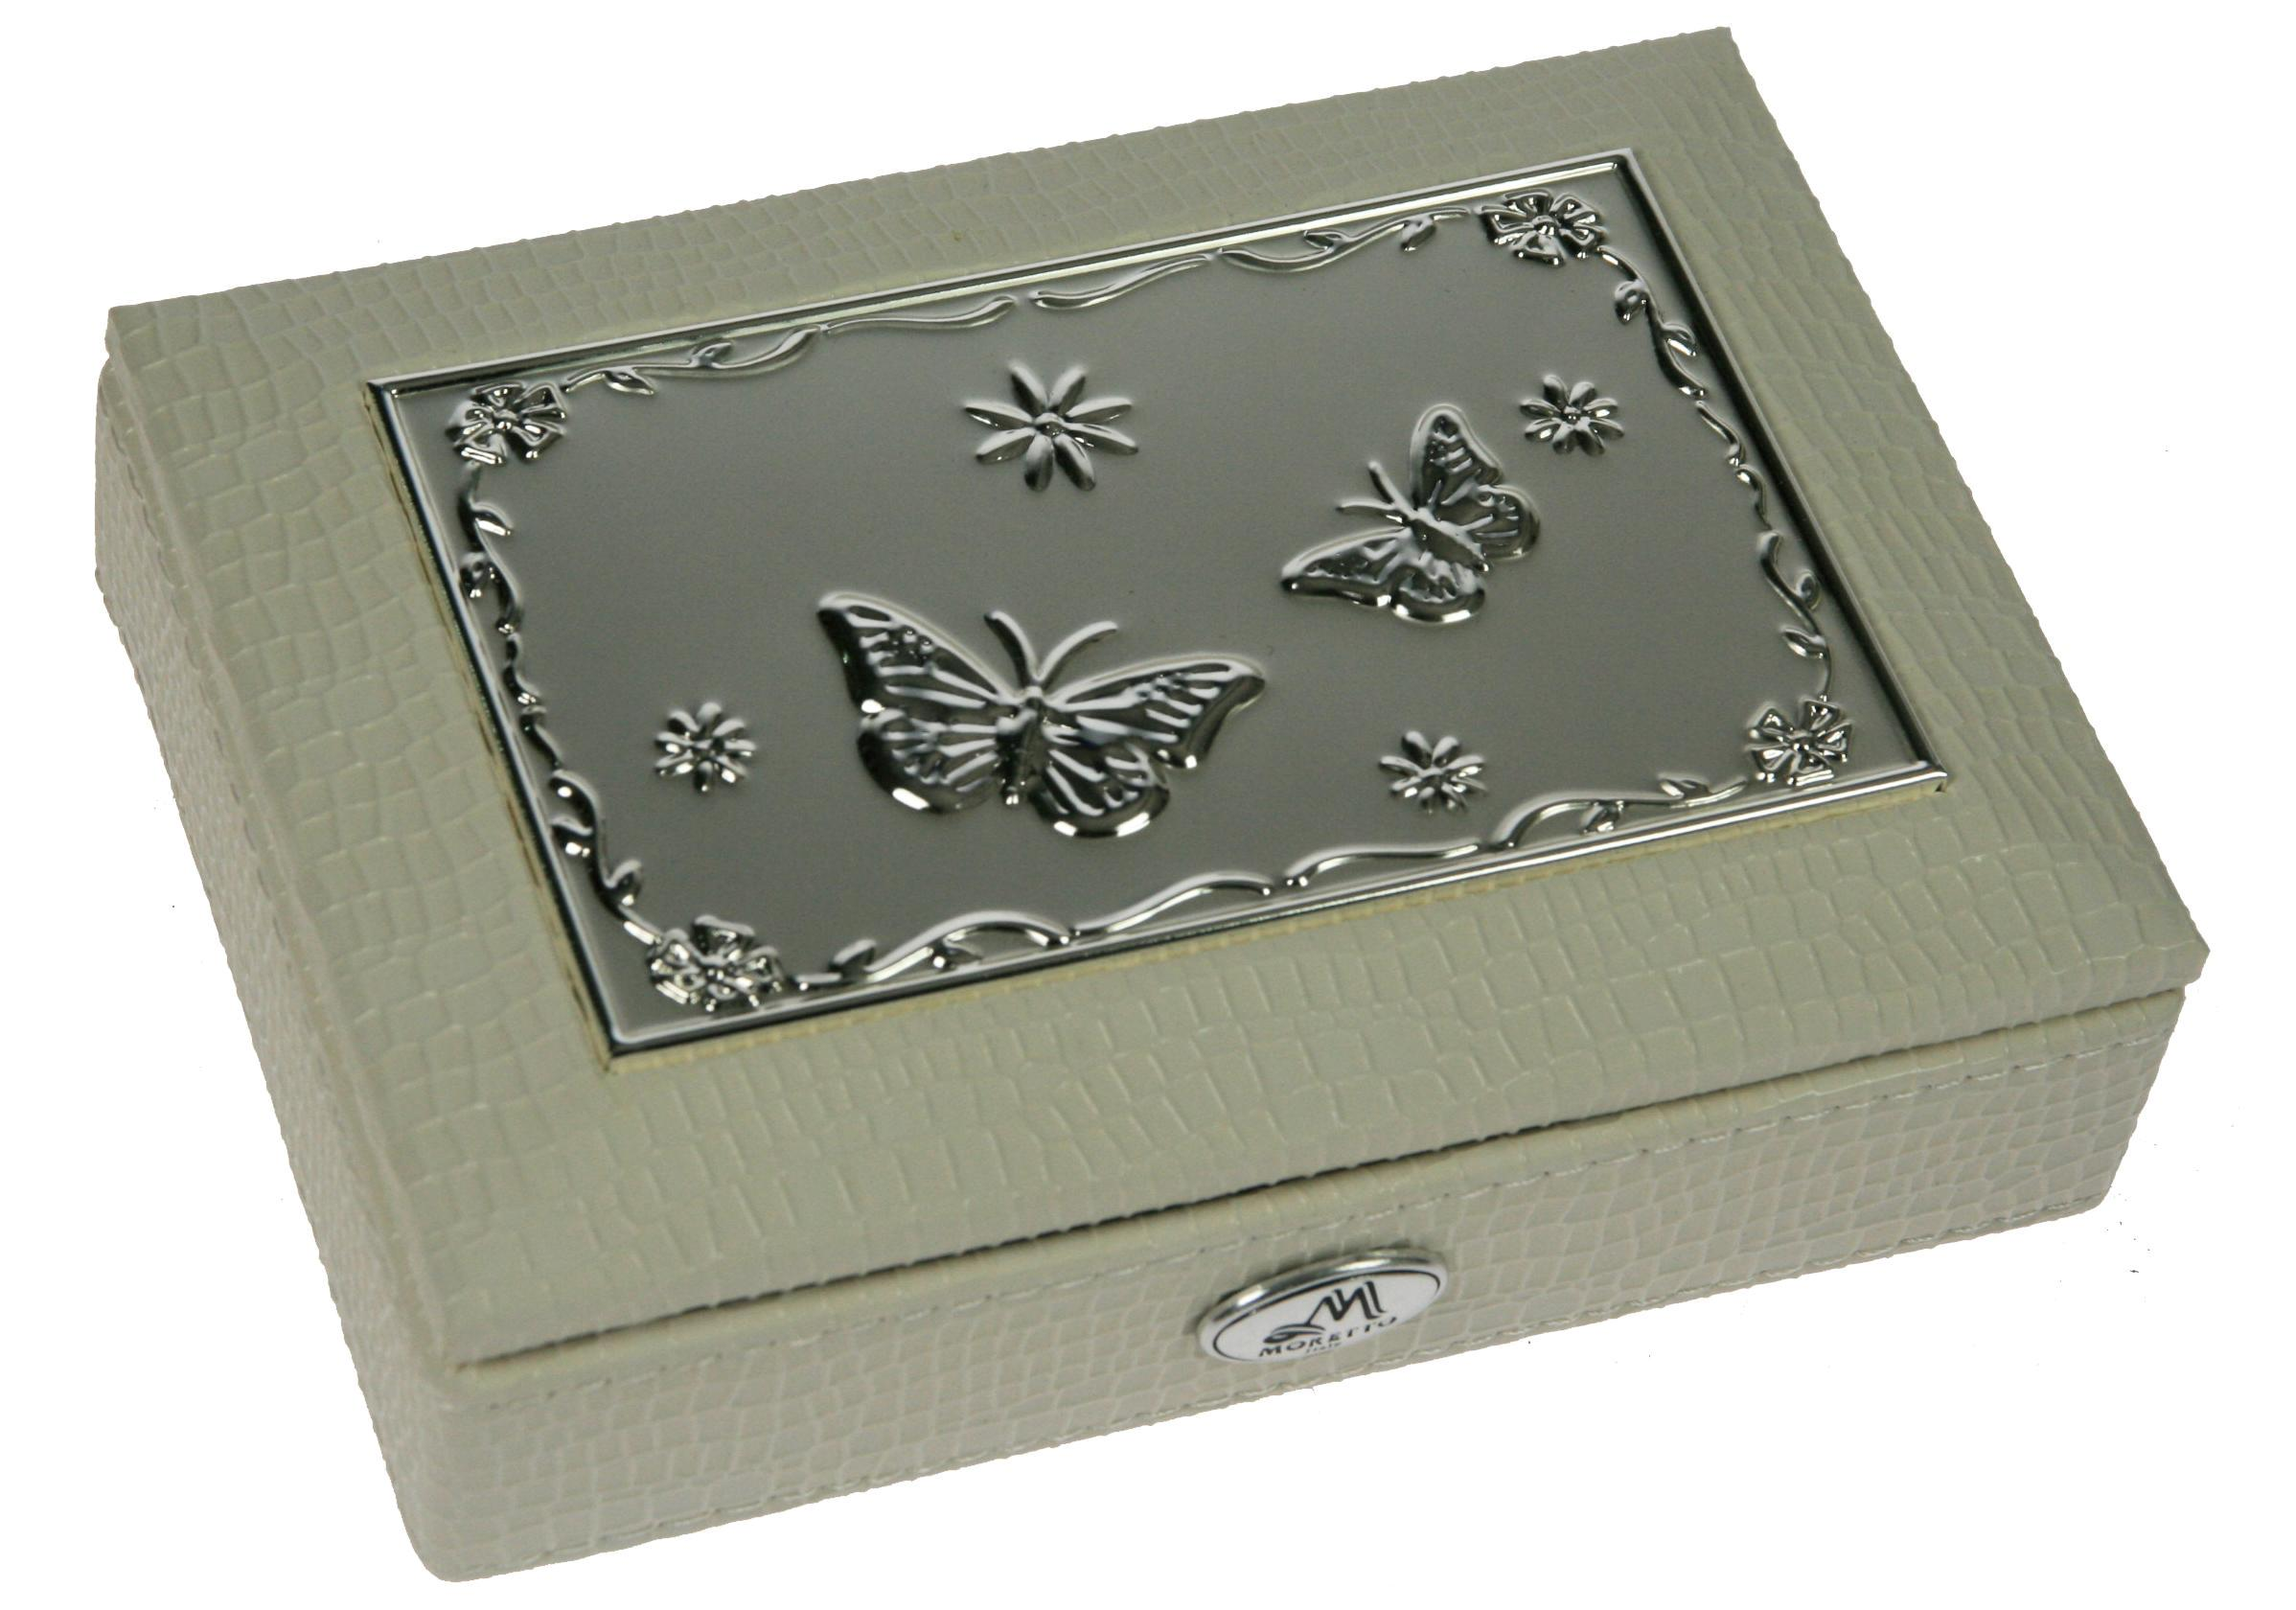 Шкатулка для ювелирных украшений Moretto, 18 х 13 х 5 см. 39945 шкатулка для украшений moretto ромашка 18 13 5 см серая